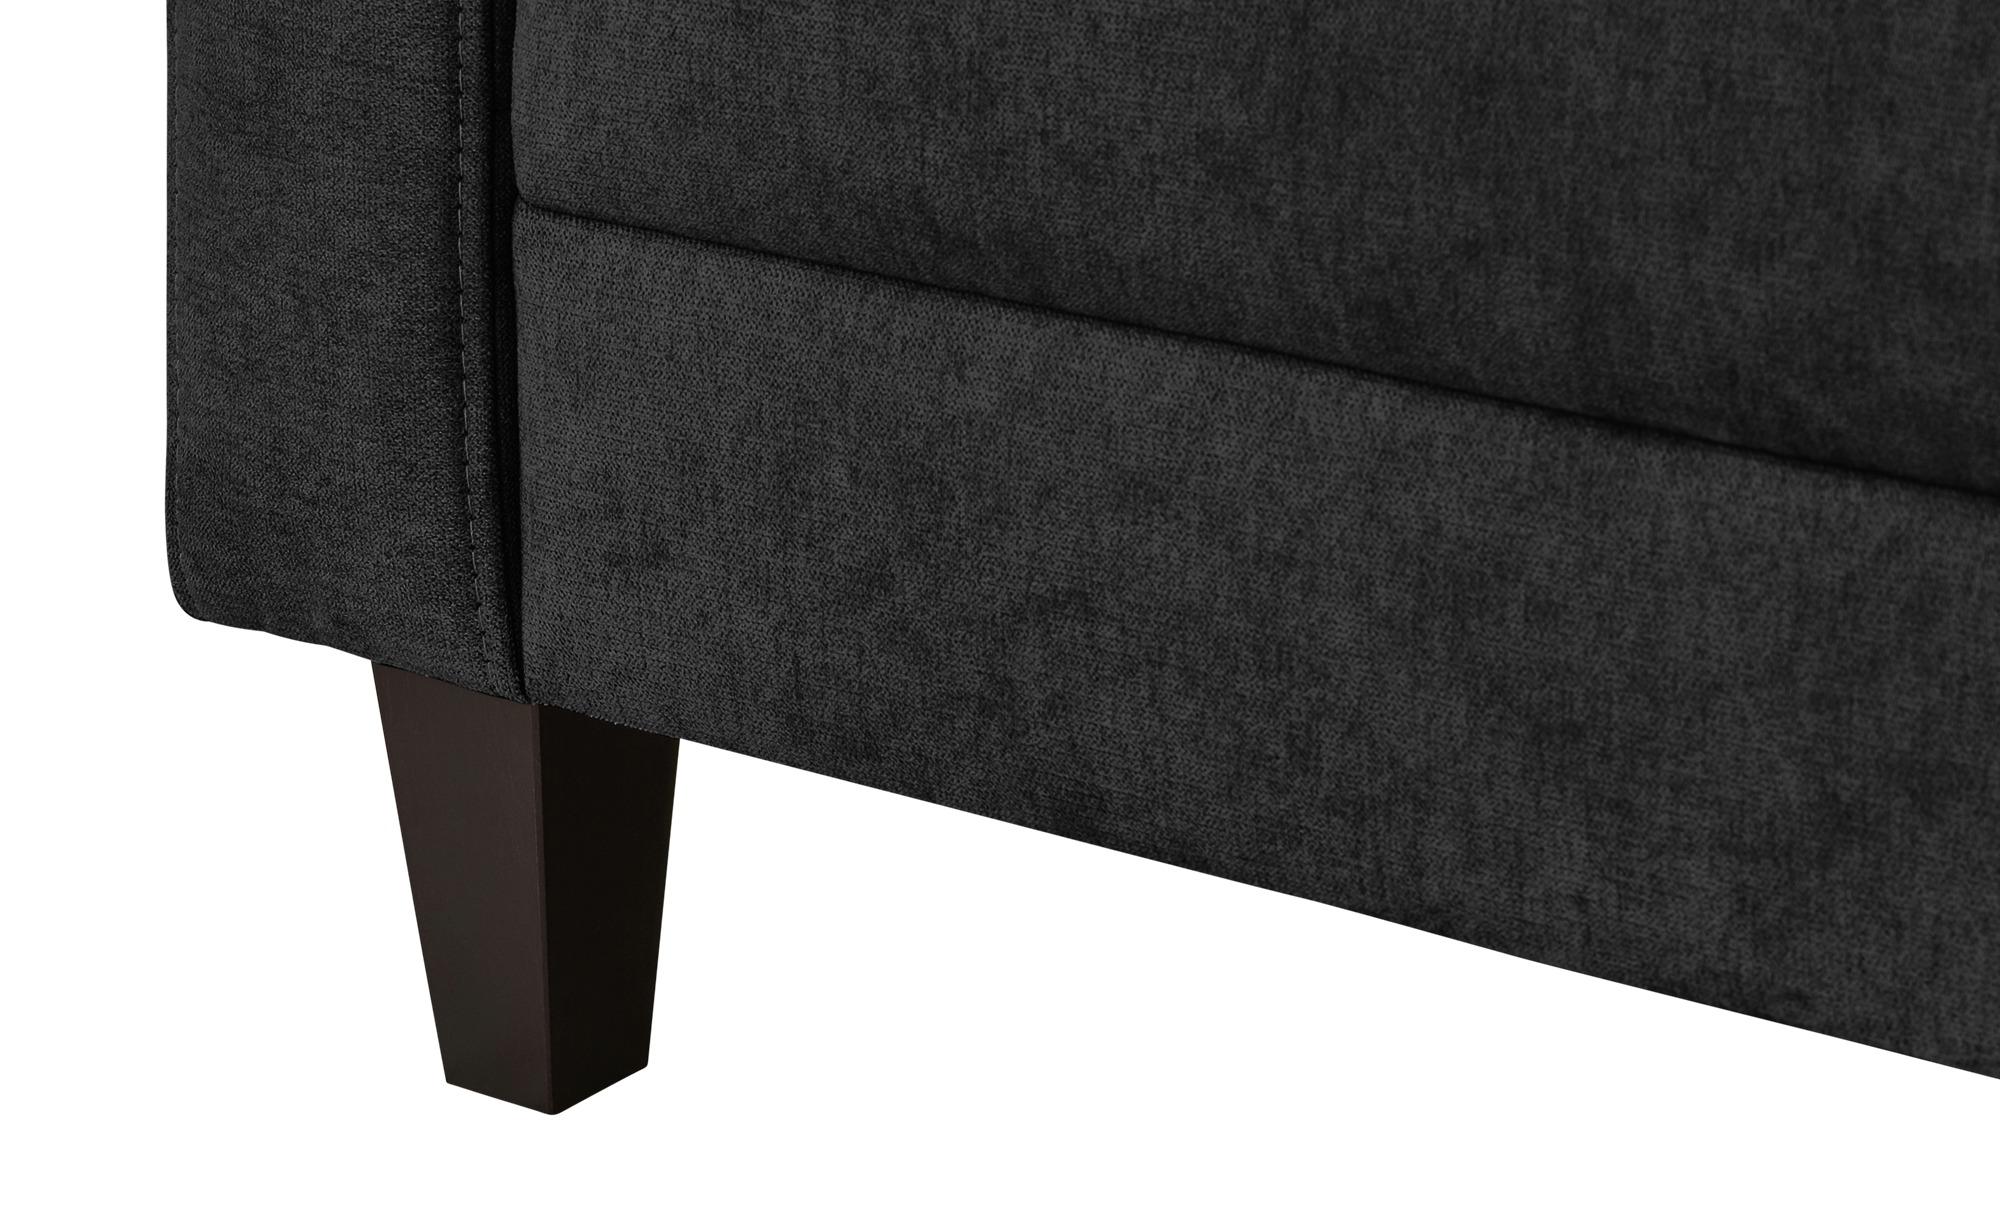 smart Sofa schwarz - Flachgewebe Geradine ¦ schwarz ¦ Maße (cm): B: 228 H: 83 T: 91 Polstermöbel > Sofas > 3-Sitzer - Höffner